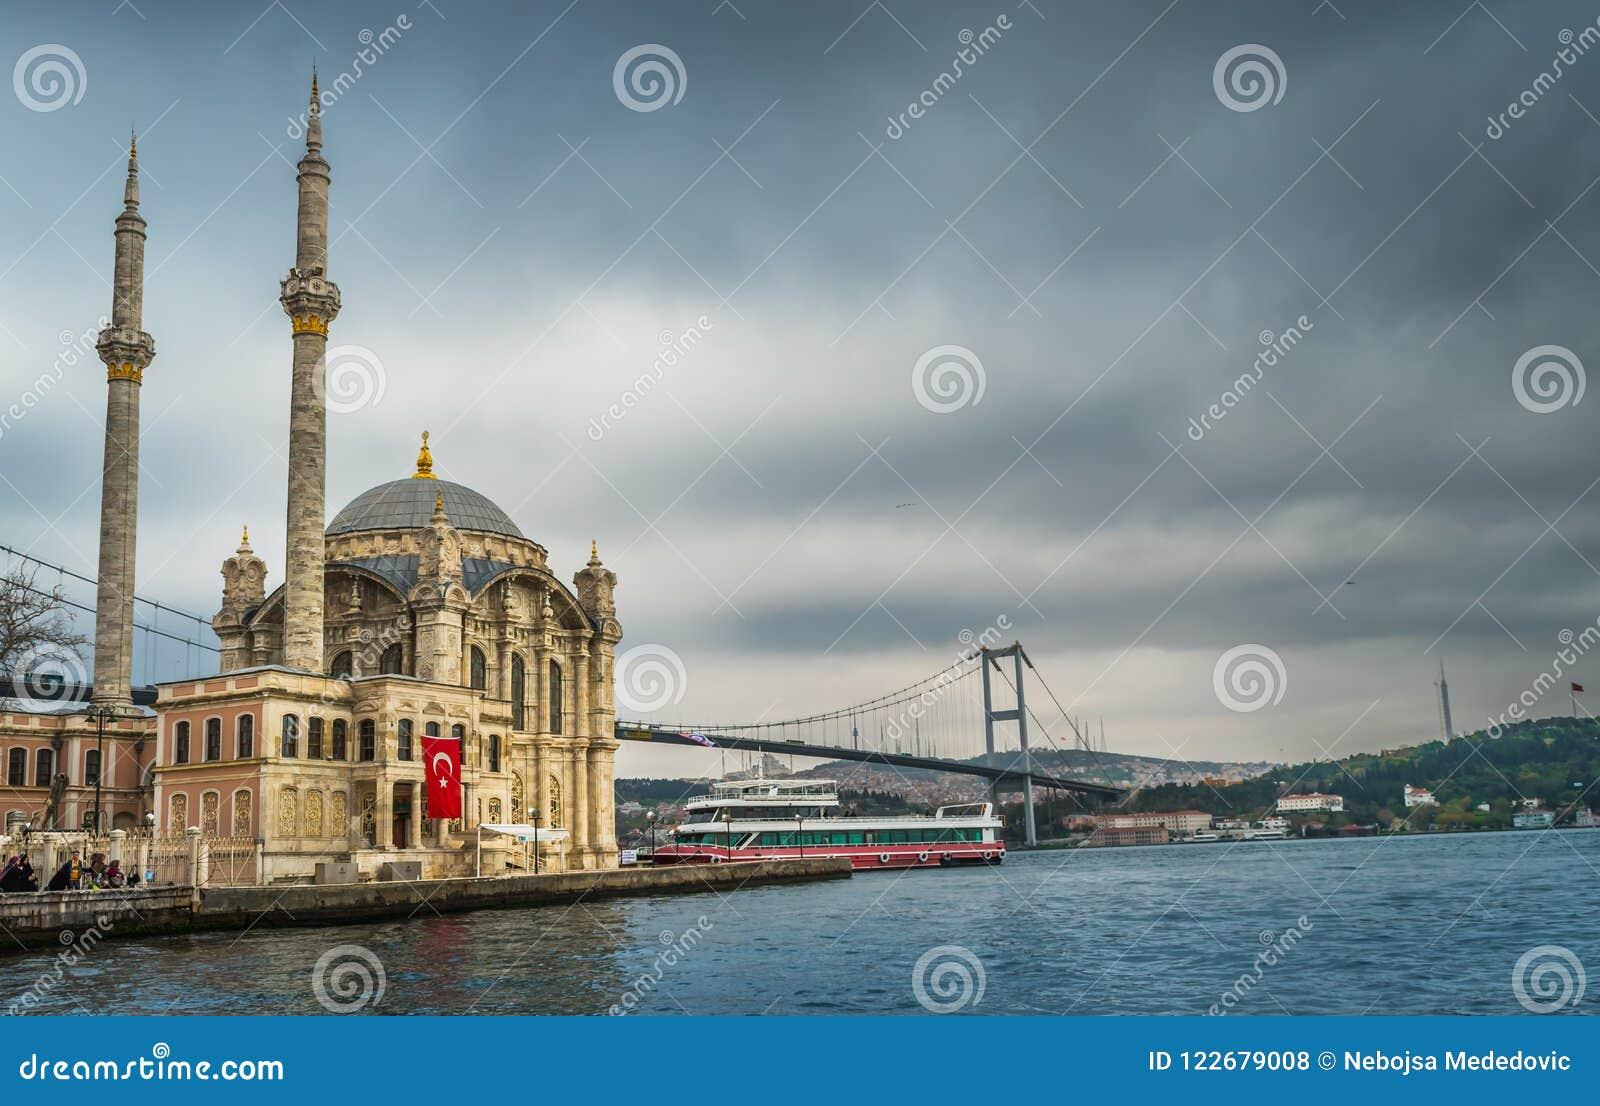 Ortakoy moské, Bosporus, Istanbul, Turkiet